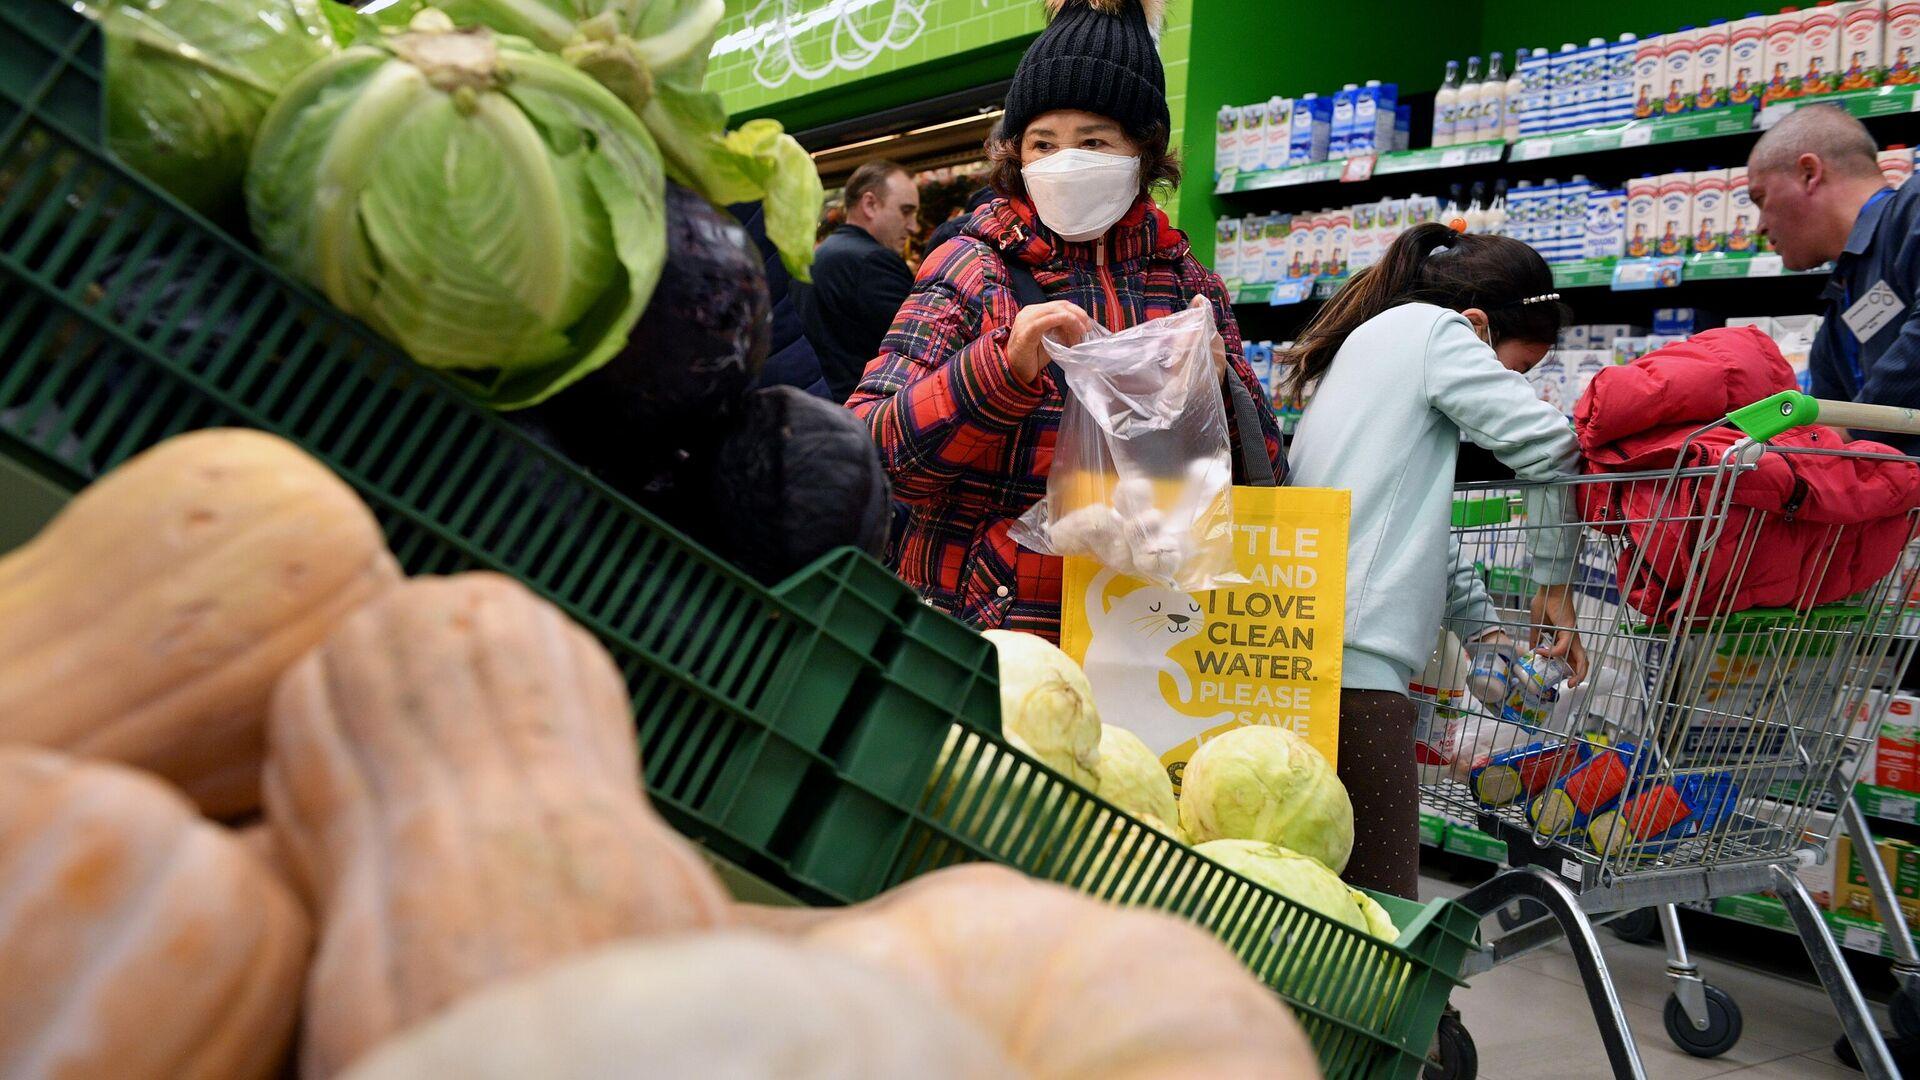 Покупательница выбирает чеснок в одном из супермаркетов в Москве - РИА Новости, 1920, 11.09.2020